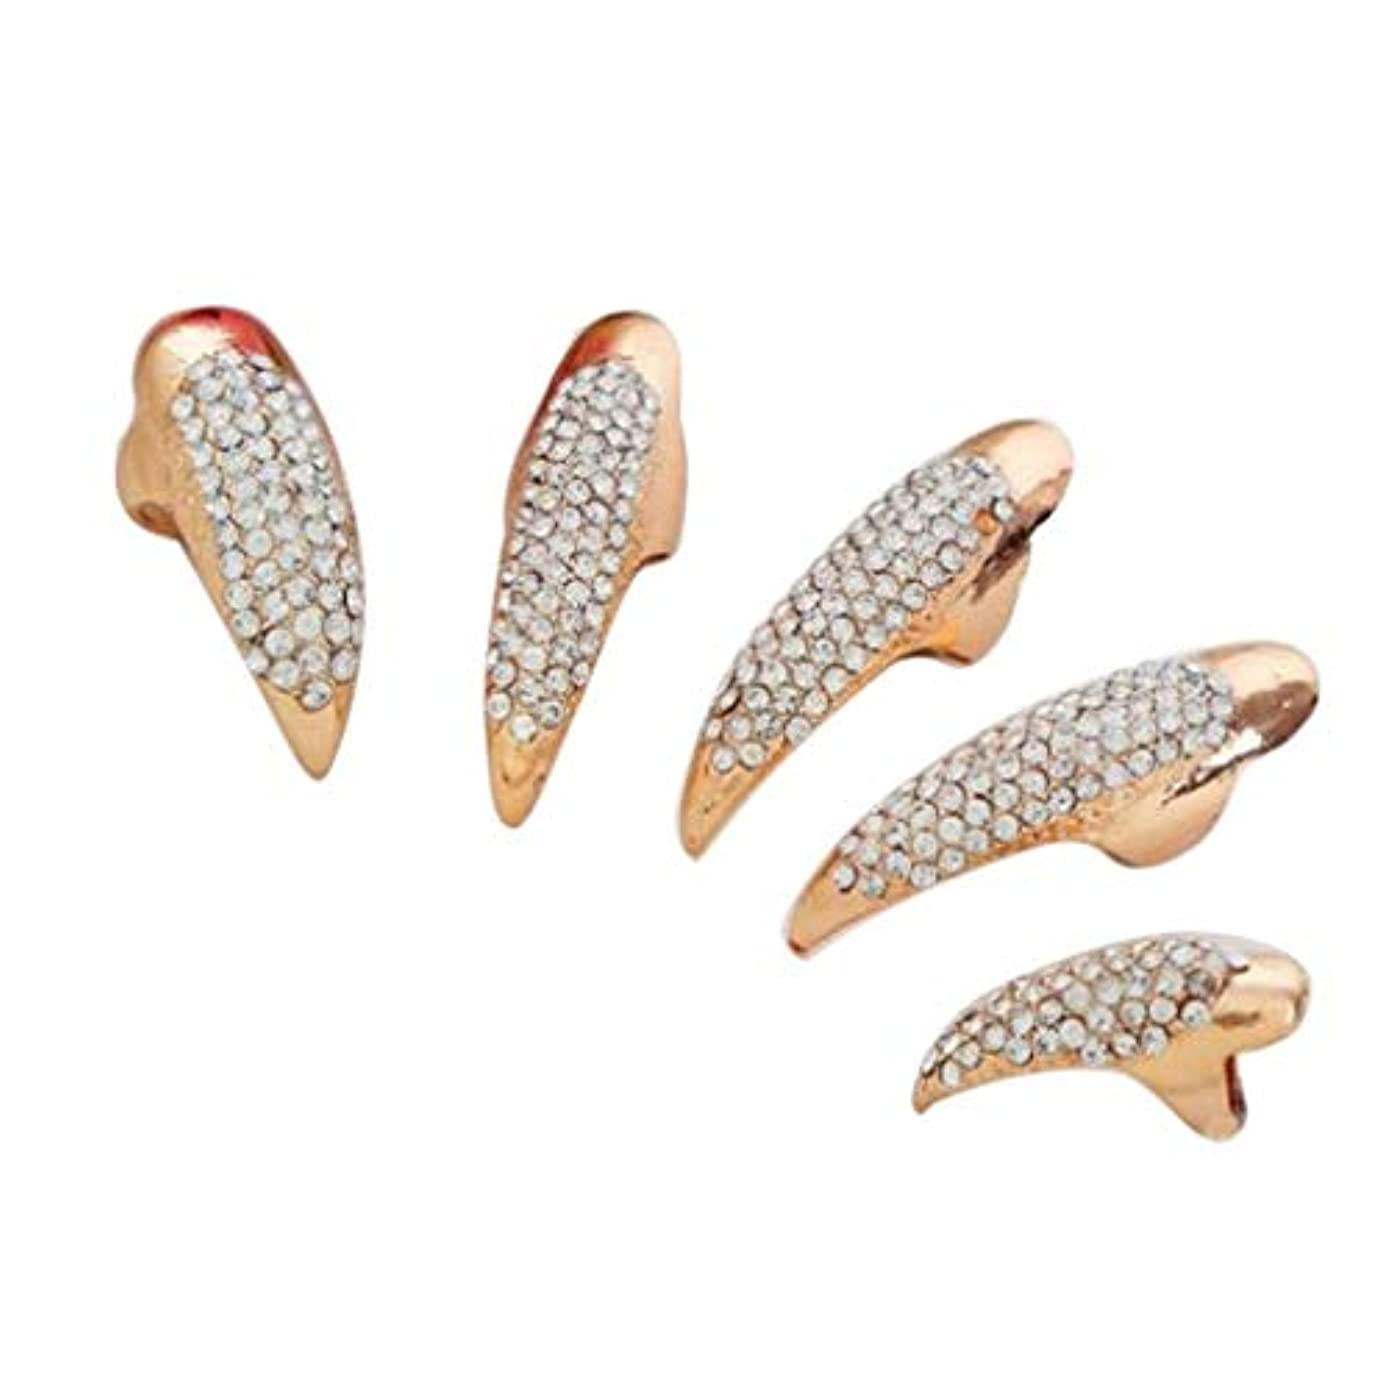 候補者思い出させる在庫Sharplace 爪リング ネイルチップ ネイルアート 人工の爪 曲げ爪 コスプレ パーティー 2色選べ - ゴールデン